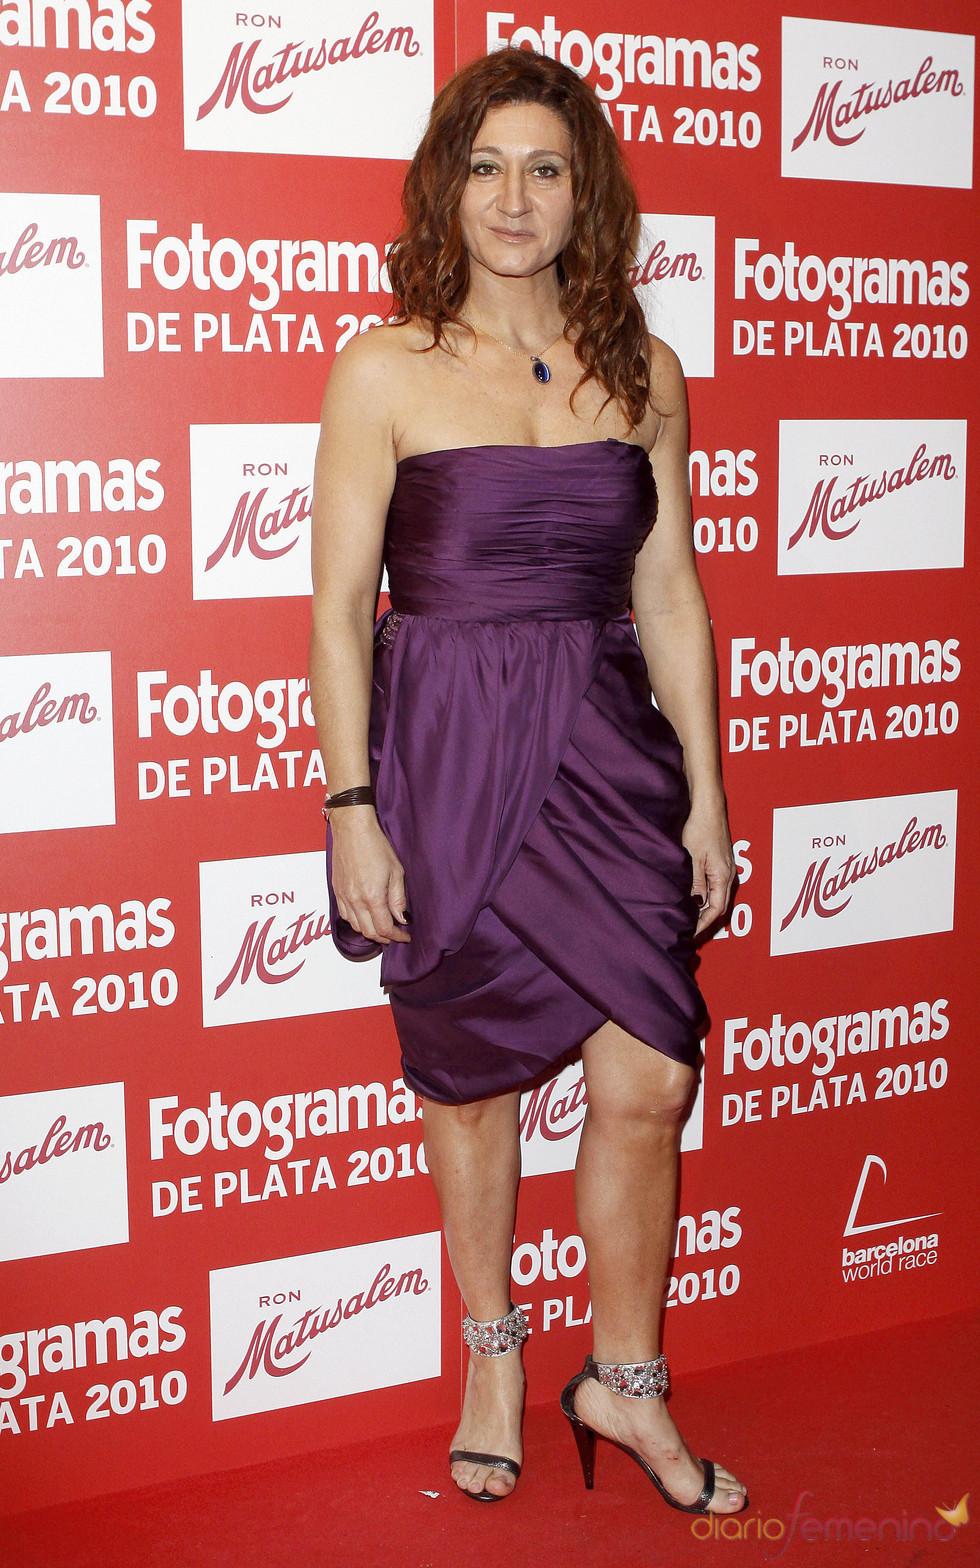 Chiqui Fernández en los Premios Fotogramas de Plata 2010